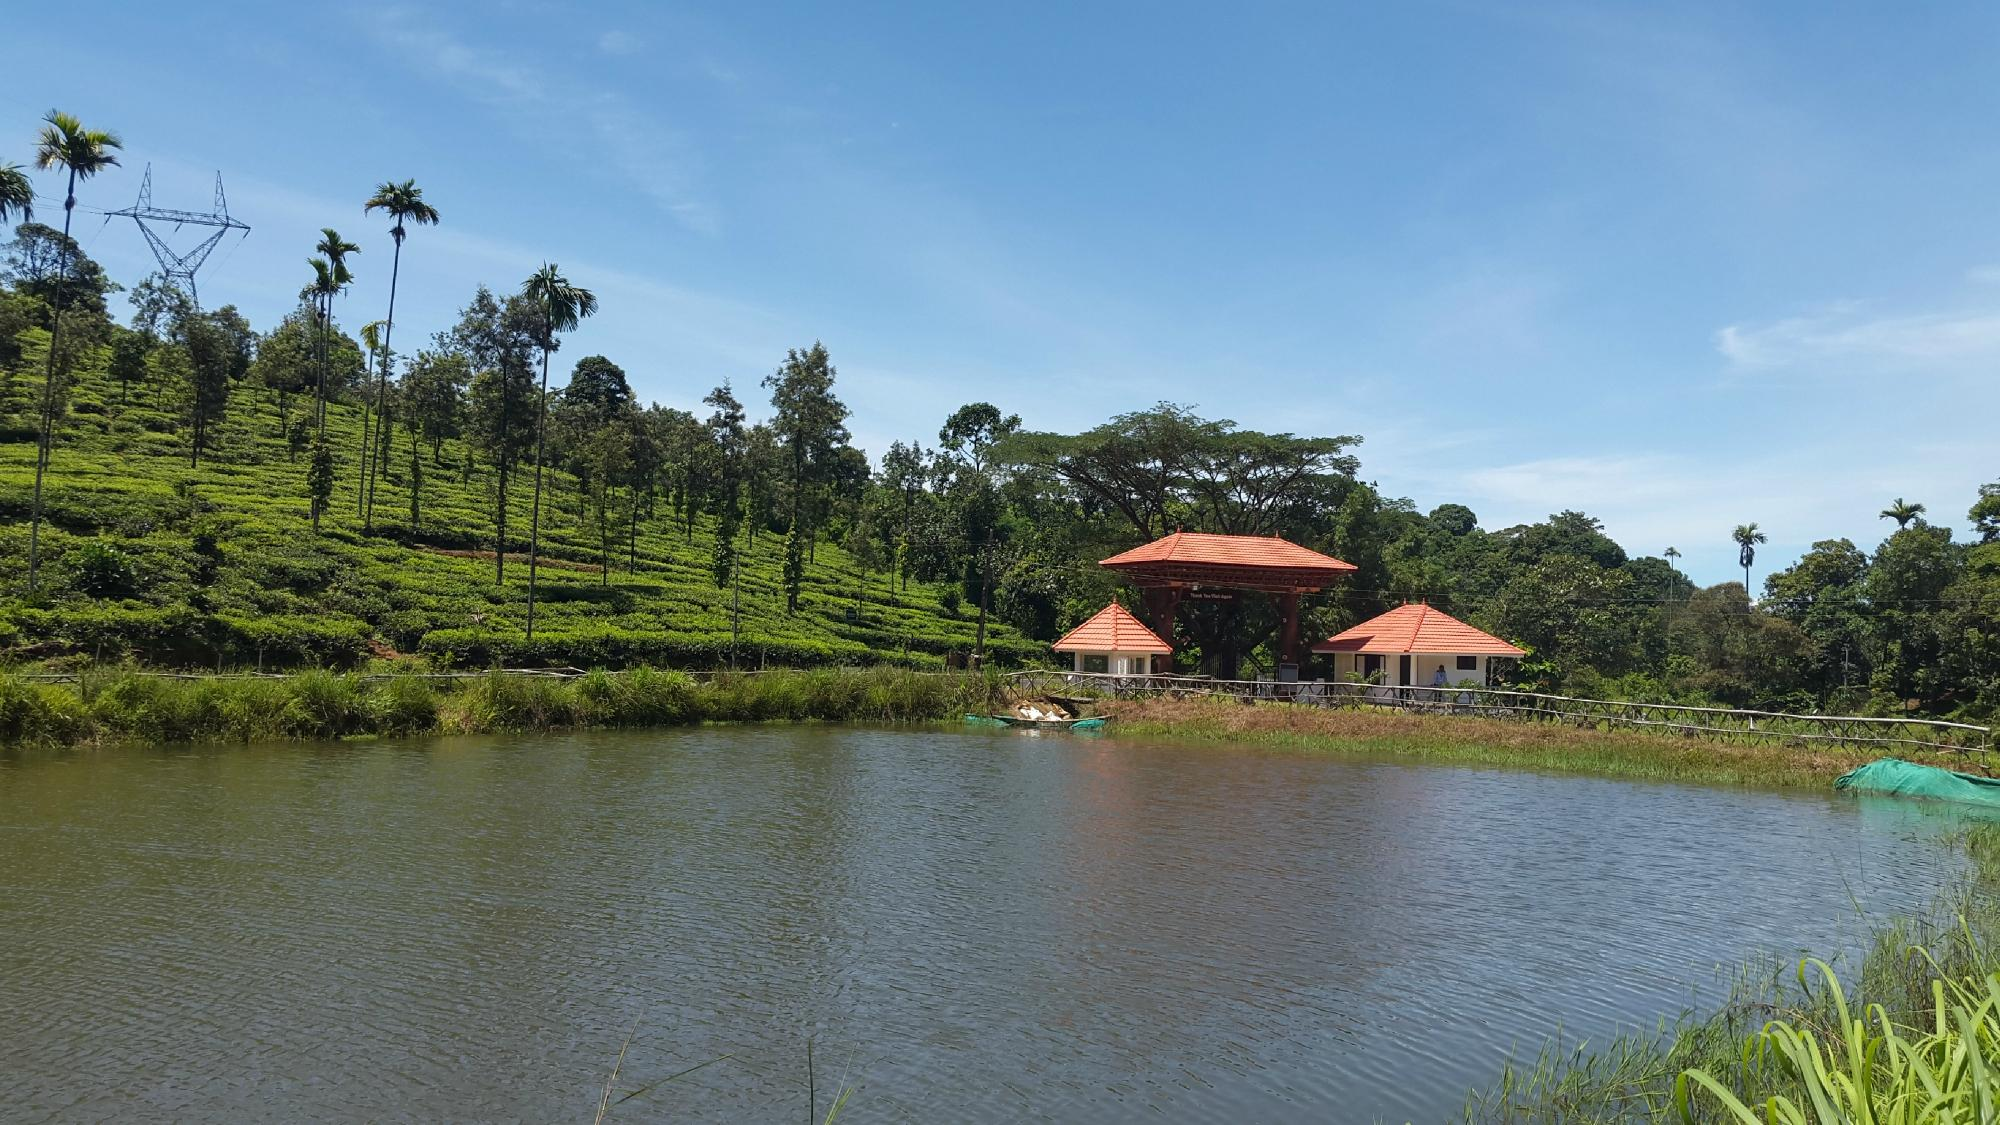 Green Berg Holiday Resorts